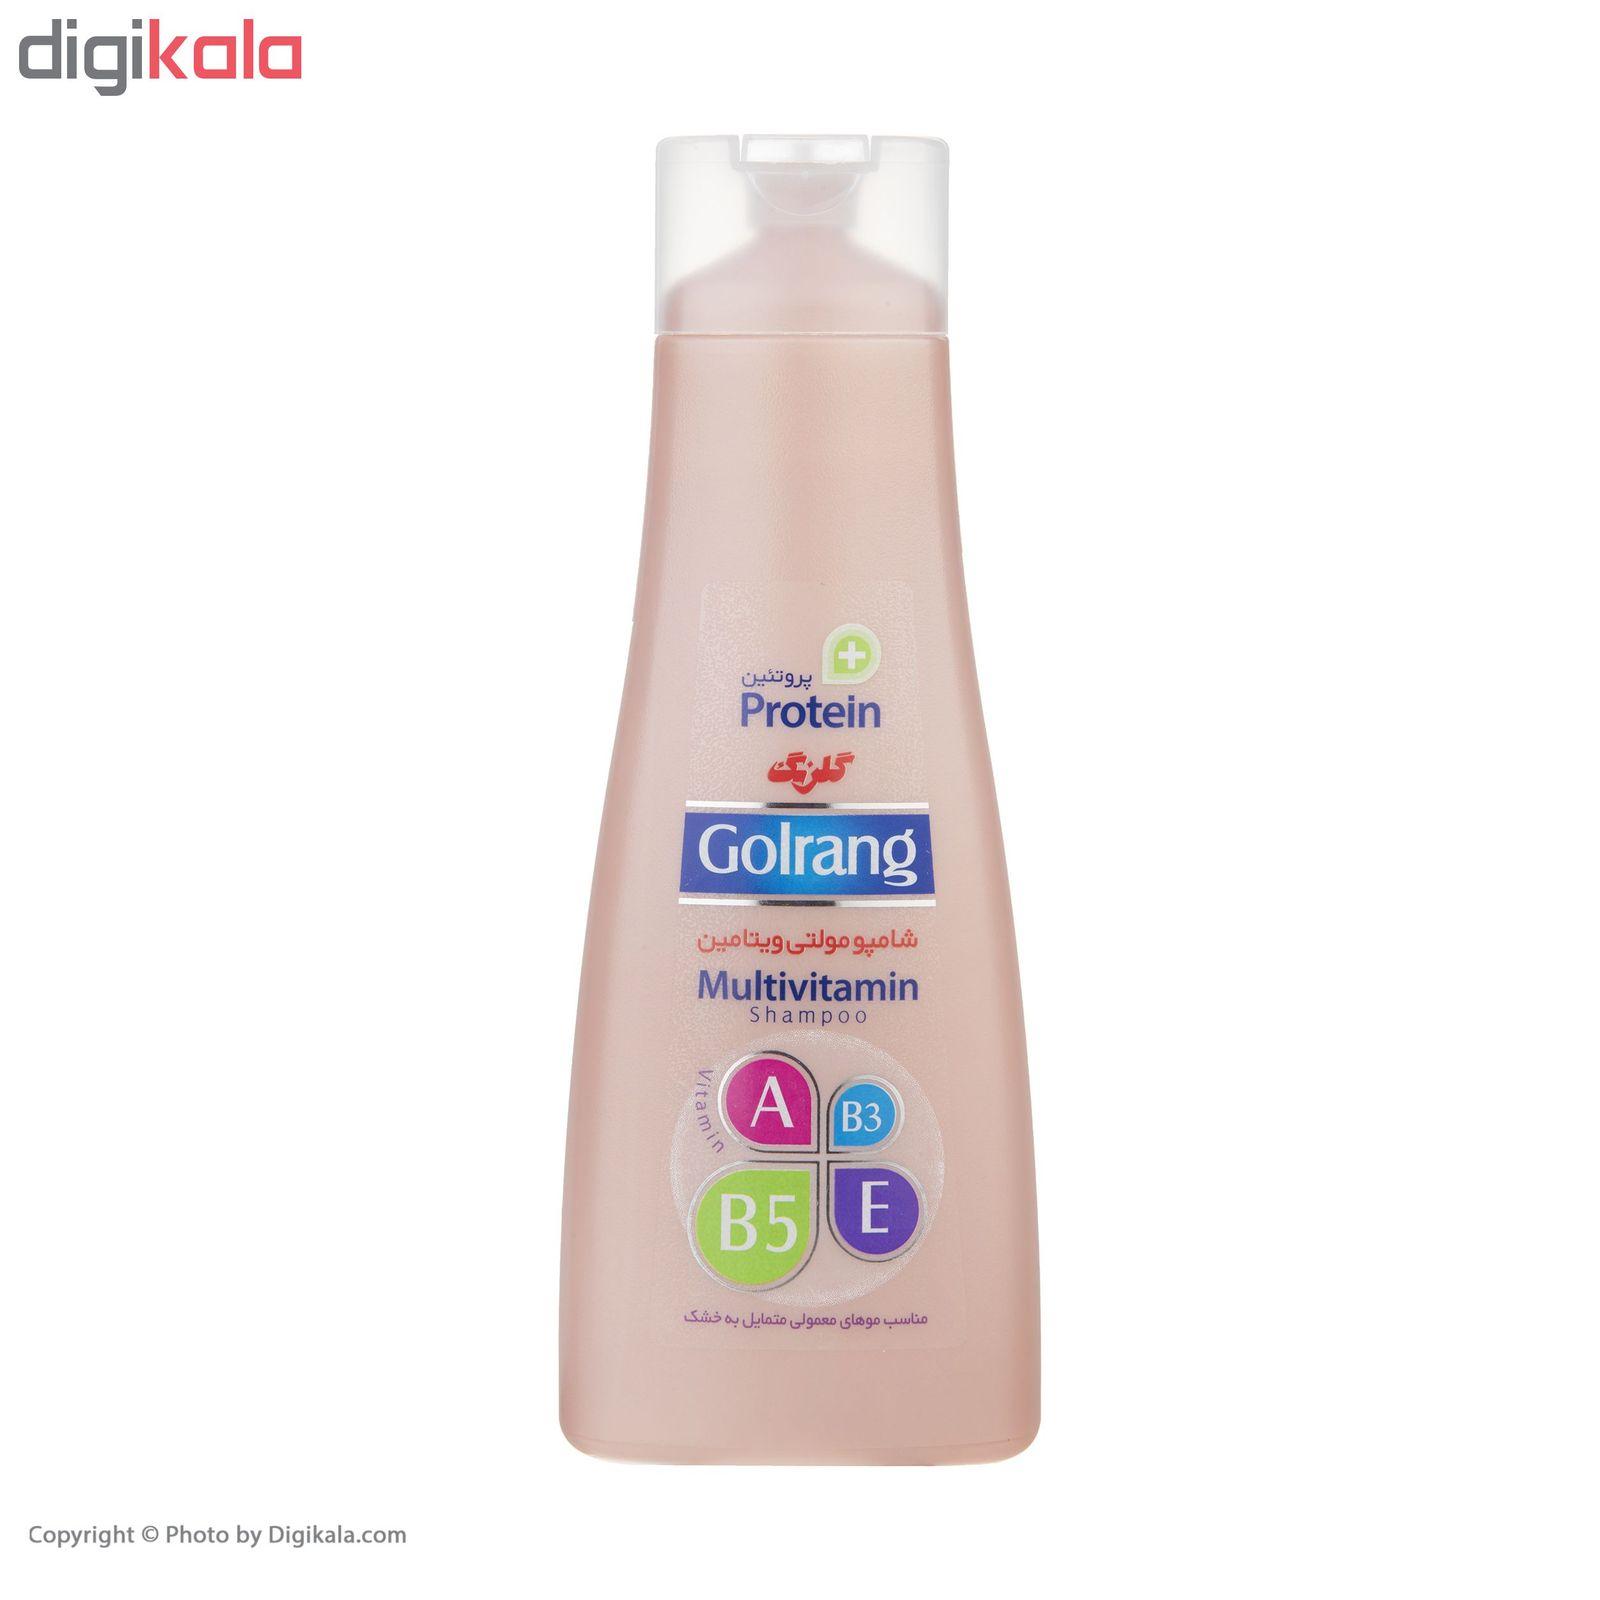 شامپو موی گلرنگ سری Plus Protein مدل Dry Hair مقدار 400 گرم main 1 2